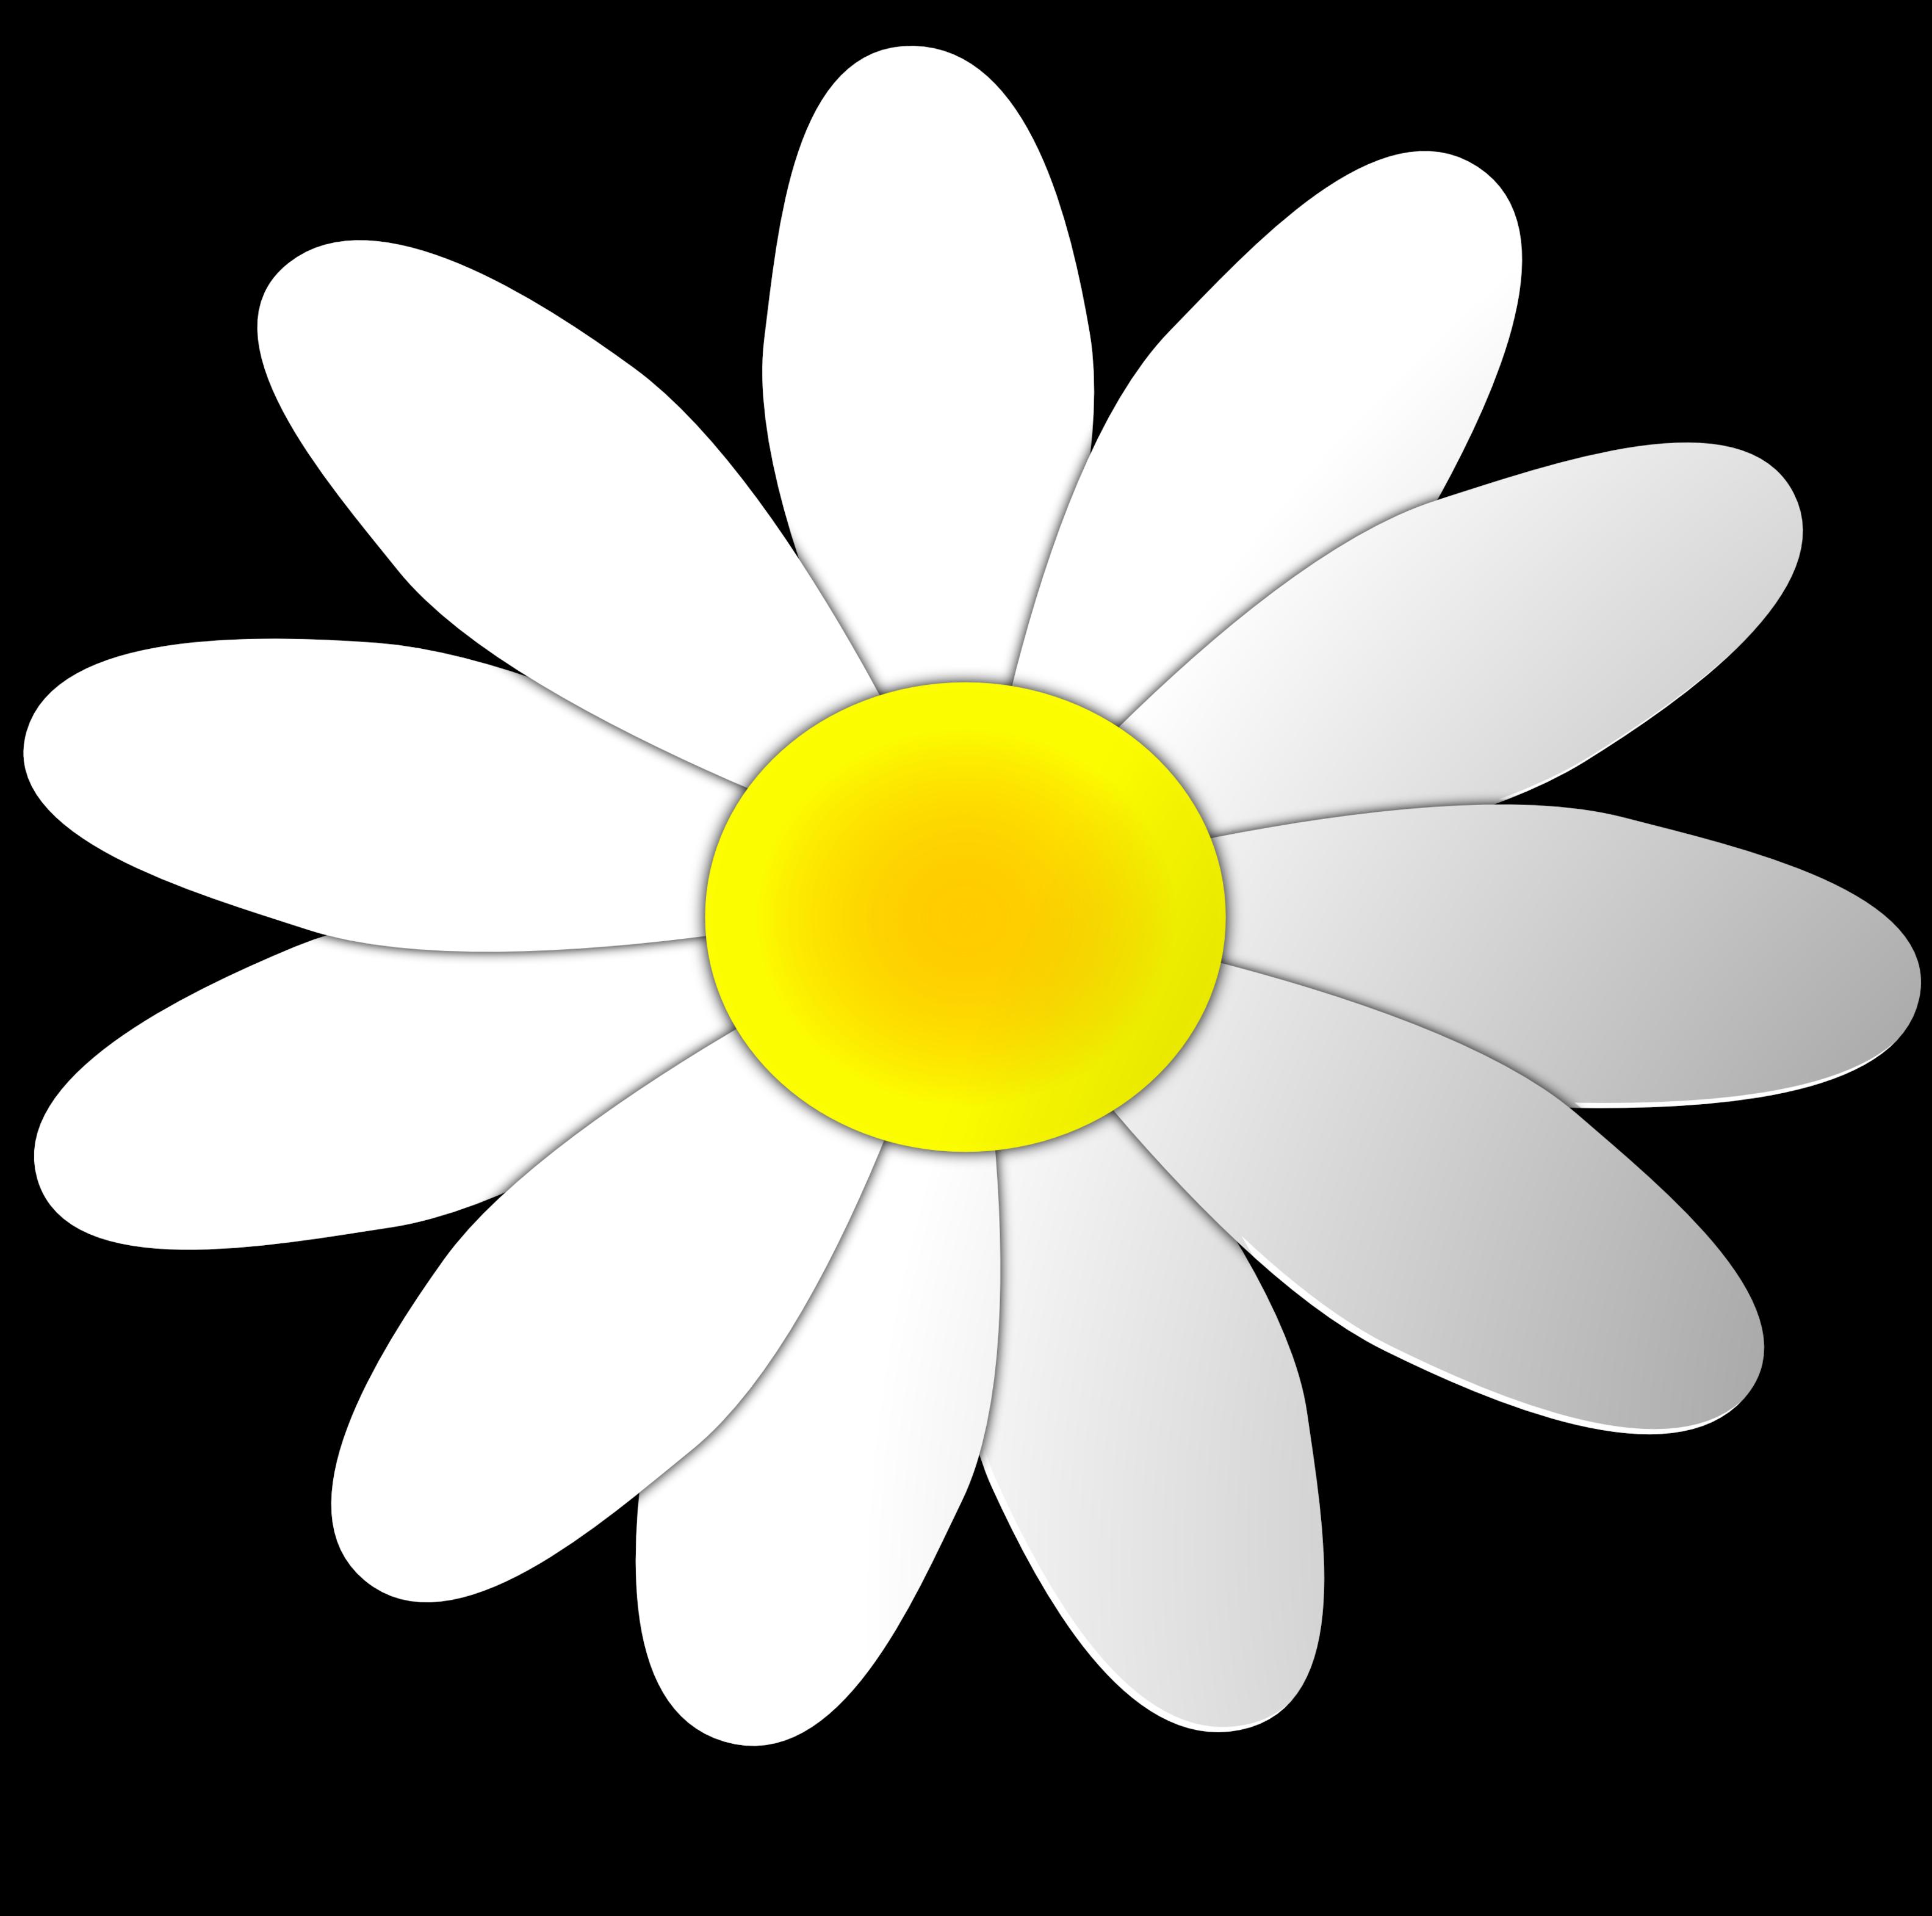 Daisy clipart Daisy Printable Daisy ClipartMe Clipart